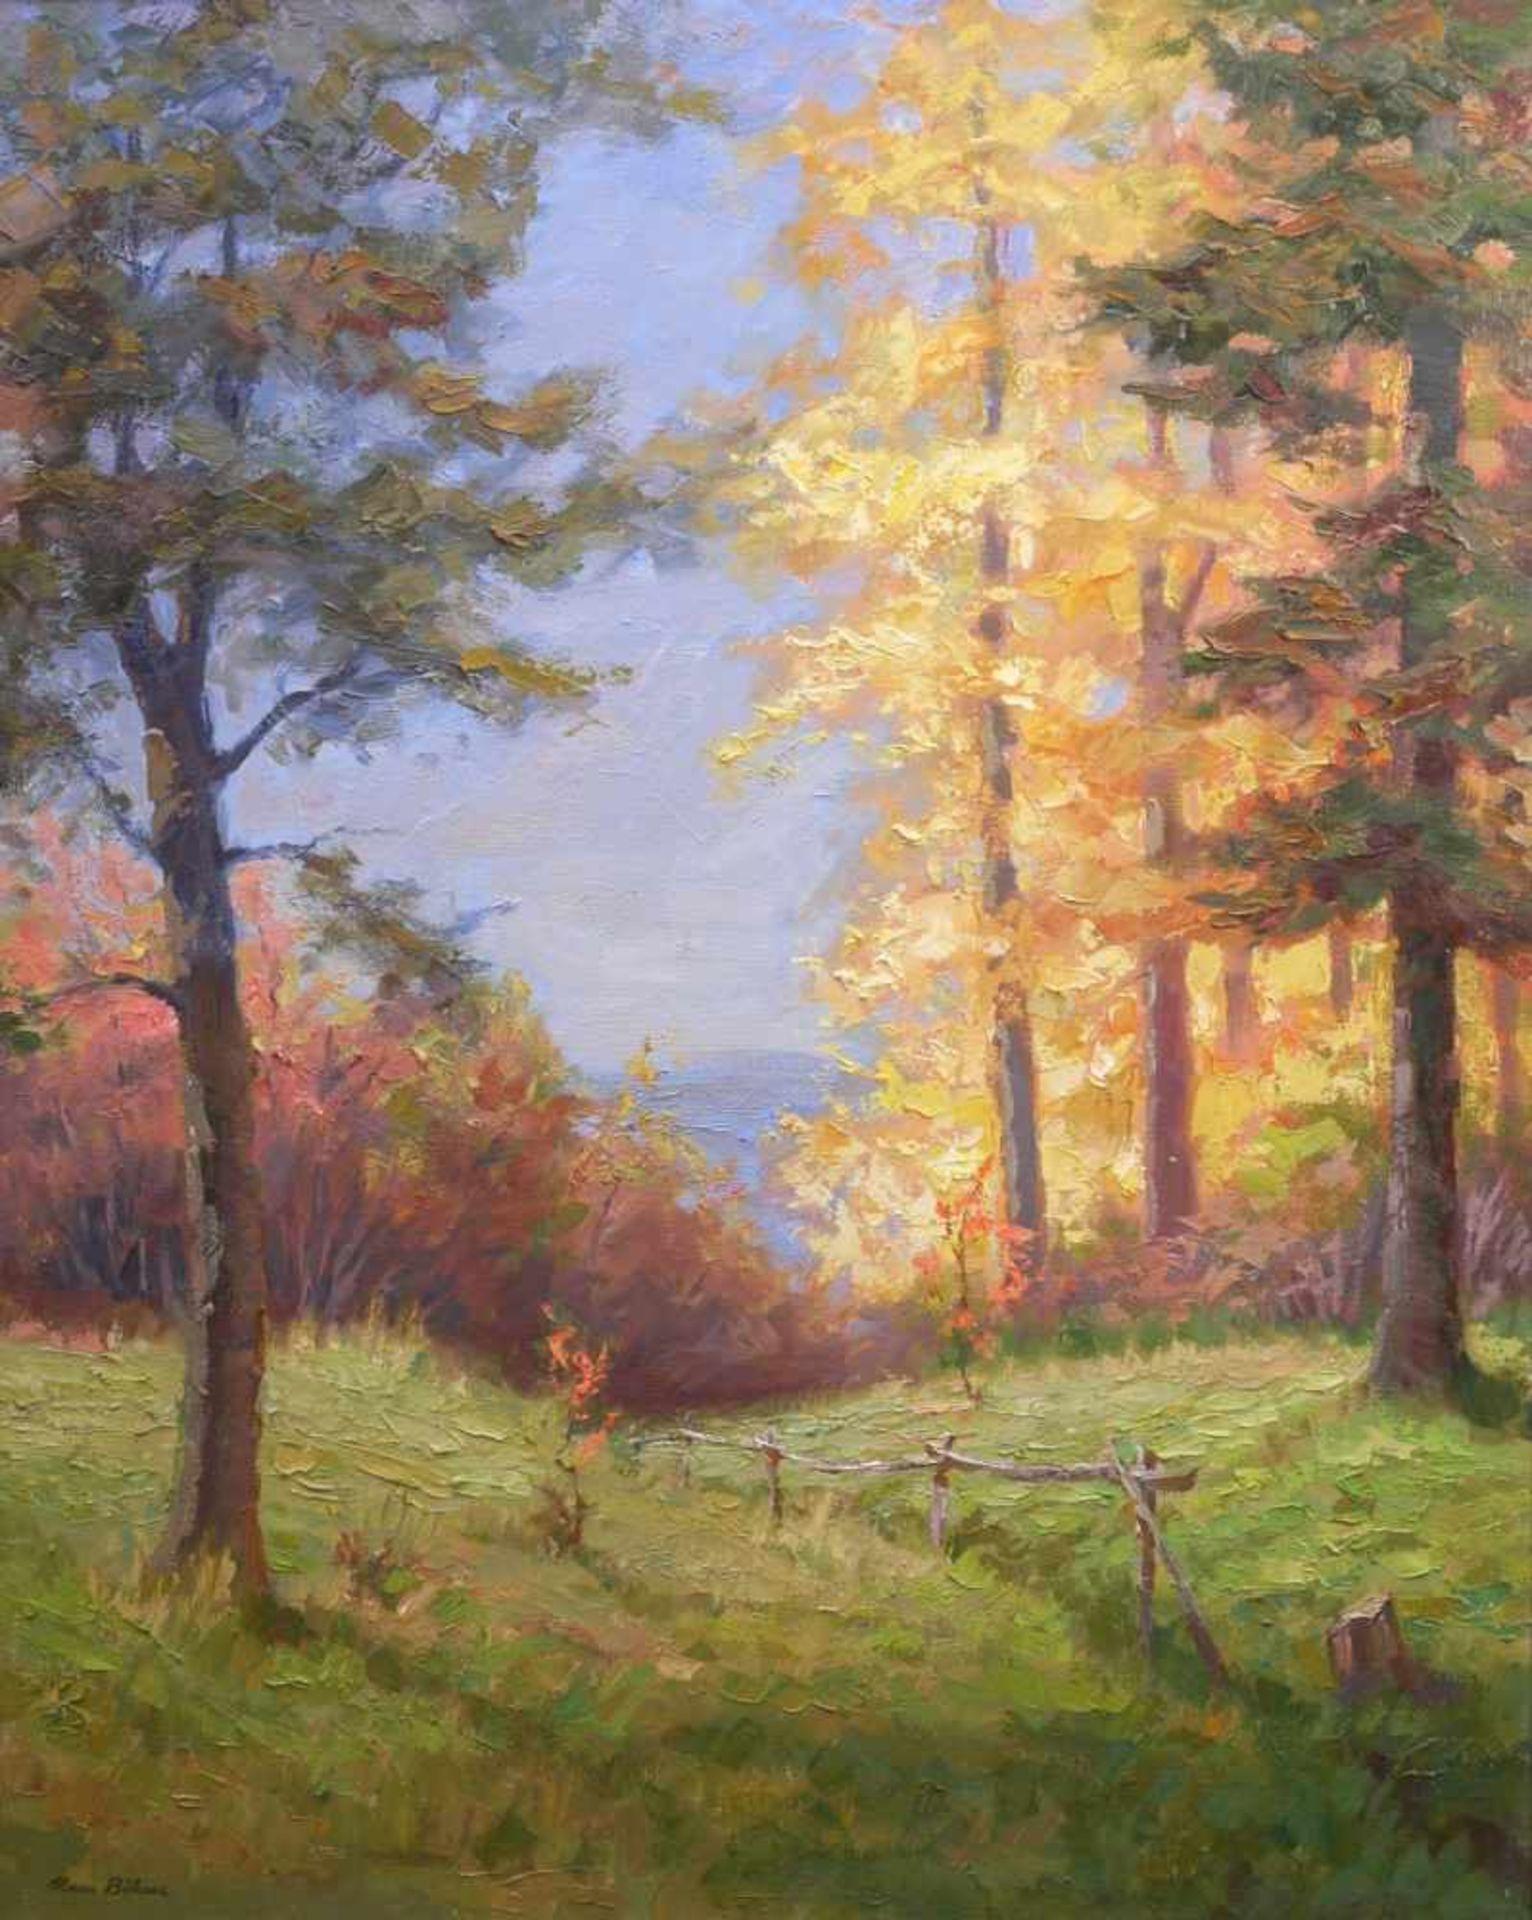 Böhme, Hans (1905-1982) - Herbstlicher LaubwaldIn golden-herbstlicher Farbpalette strahlt diese - Bild 2 aus 5